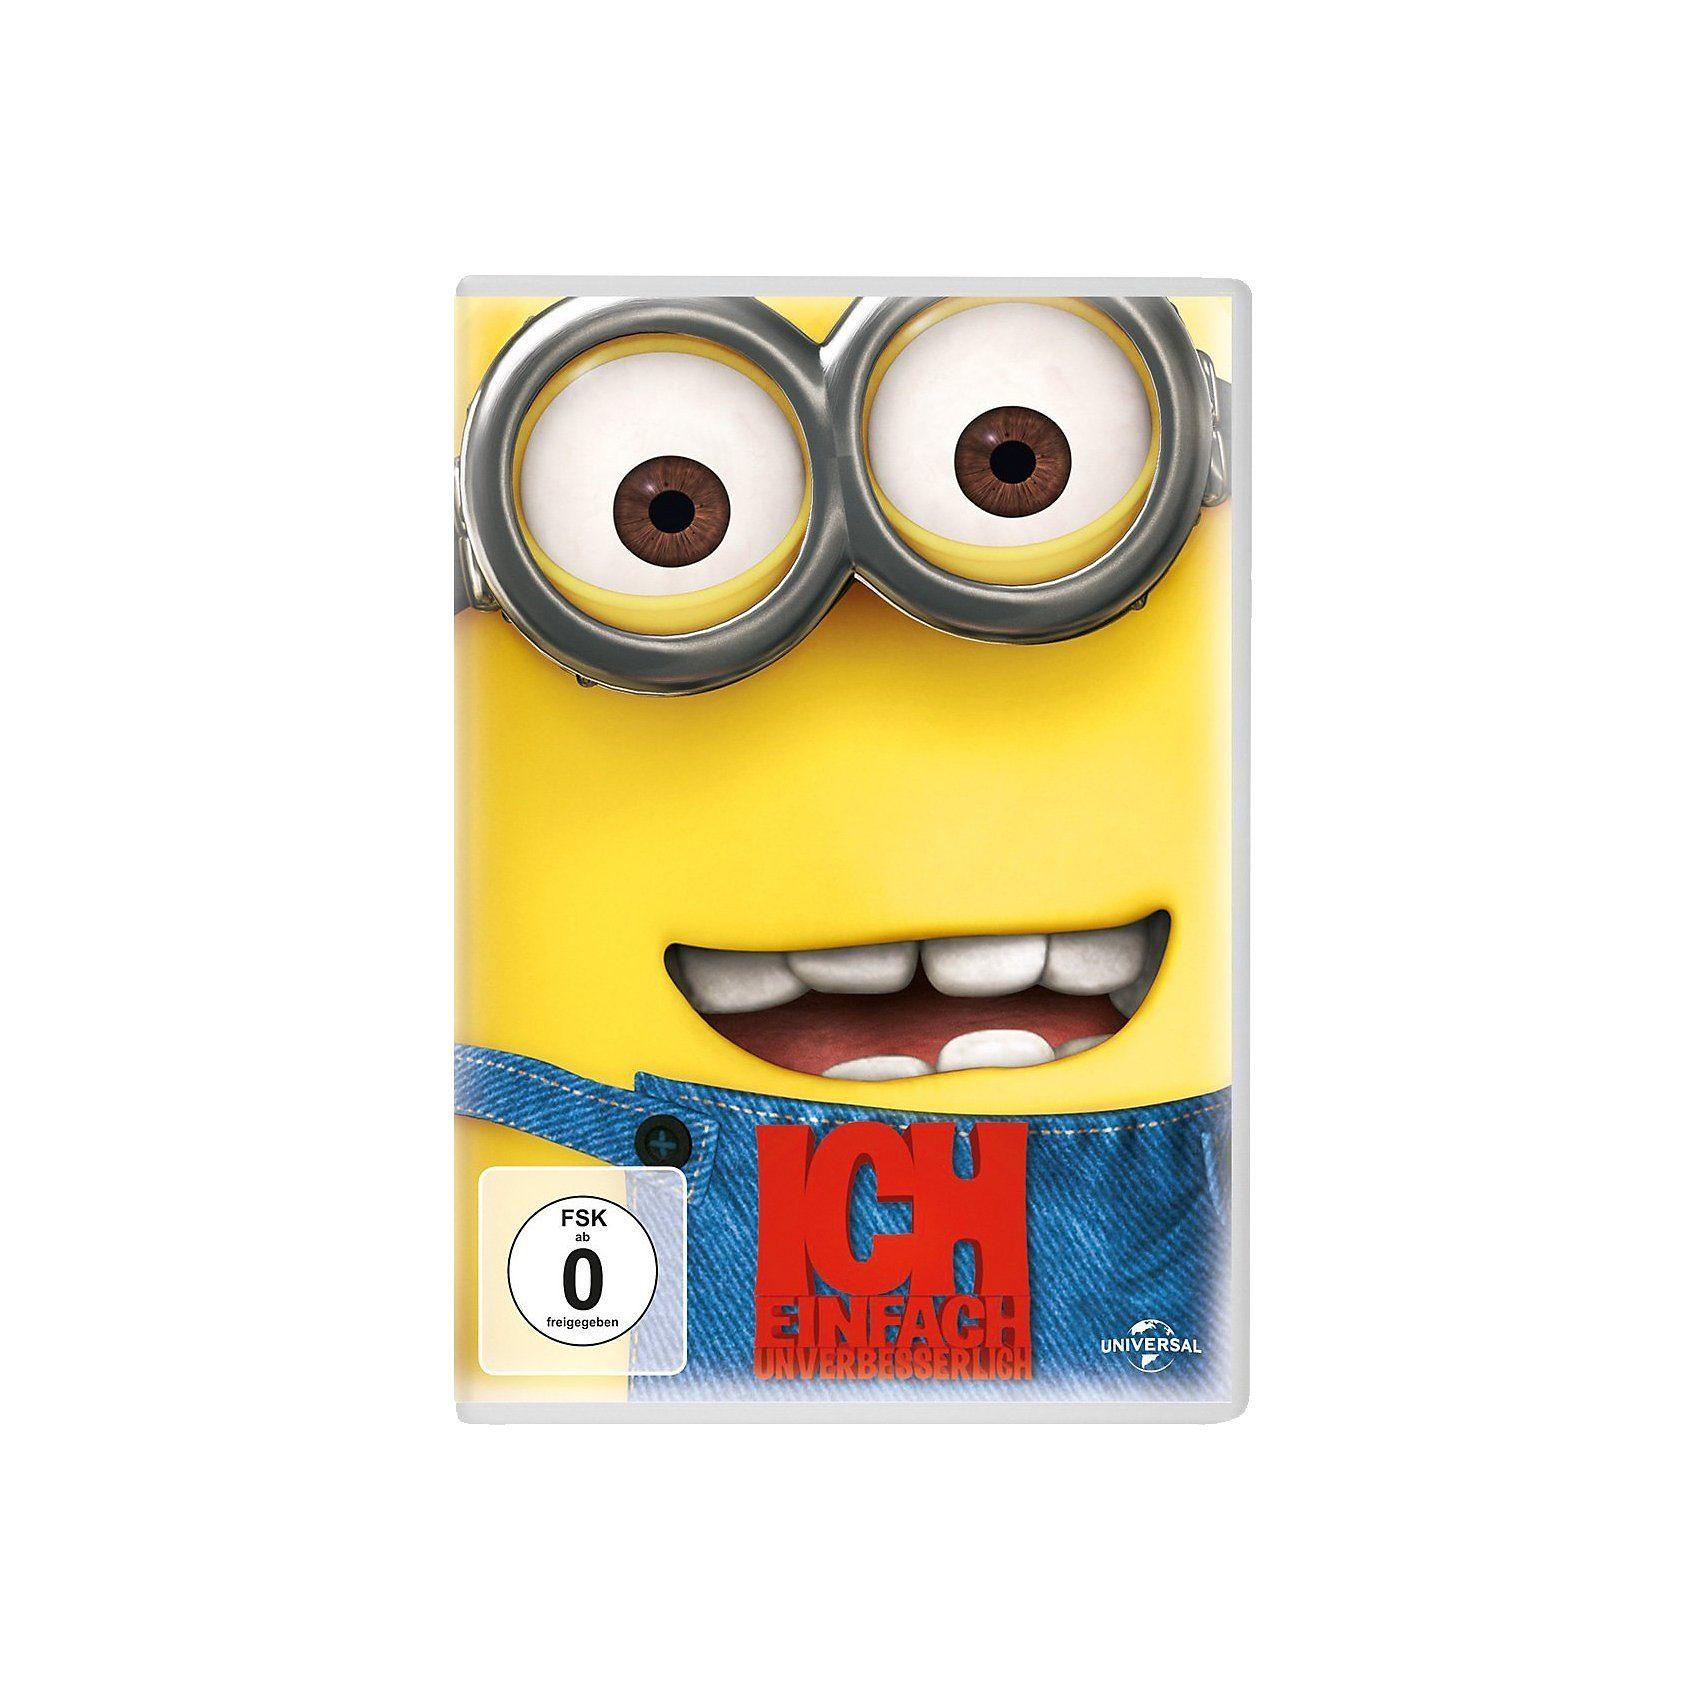 Universal DVD Ich - Einfach unverbesserlich